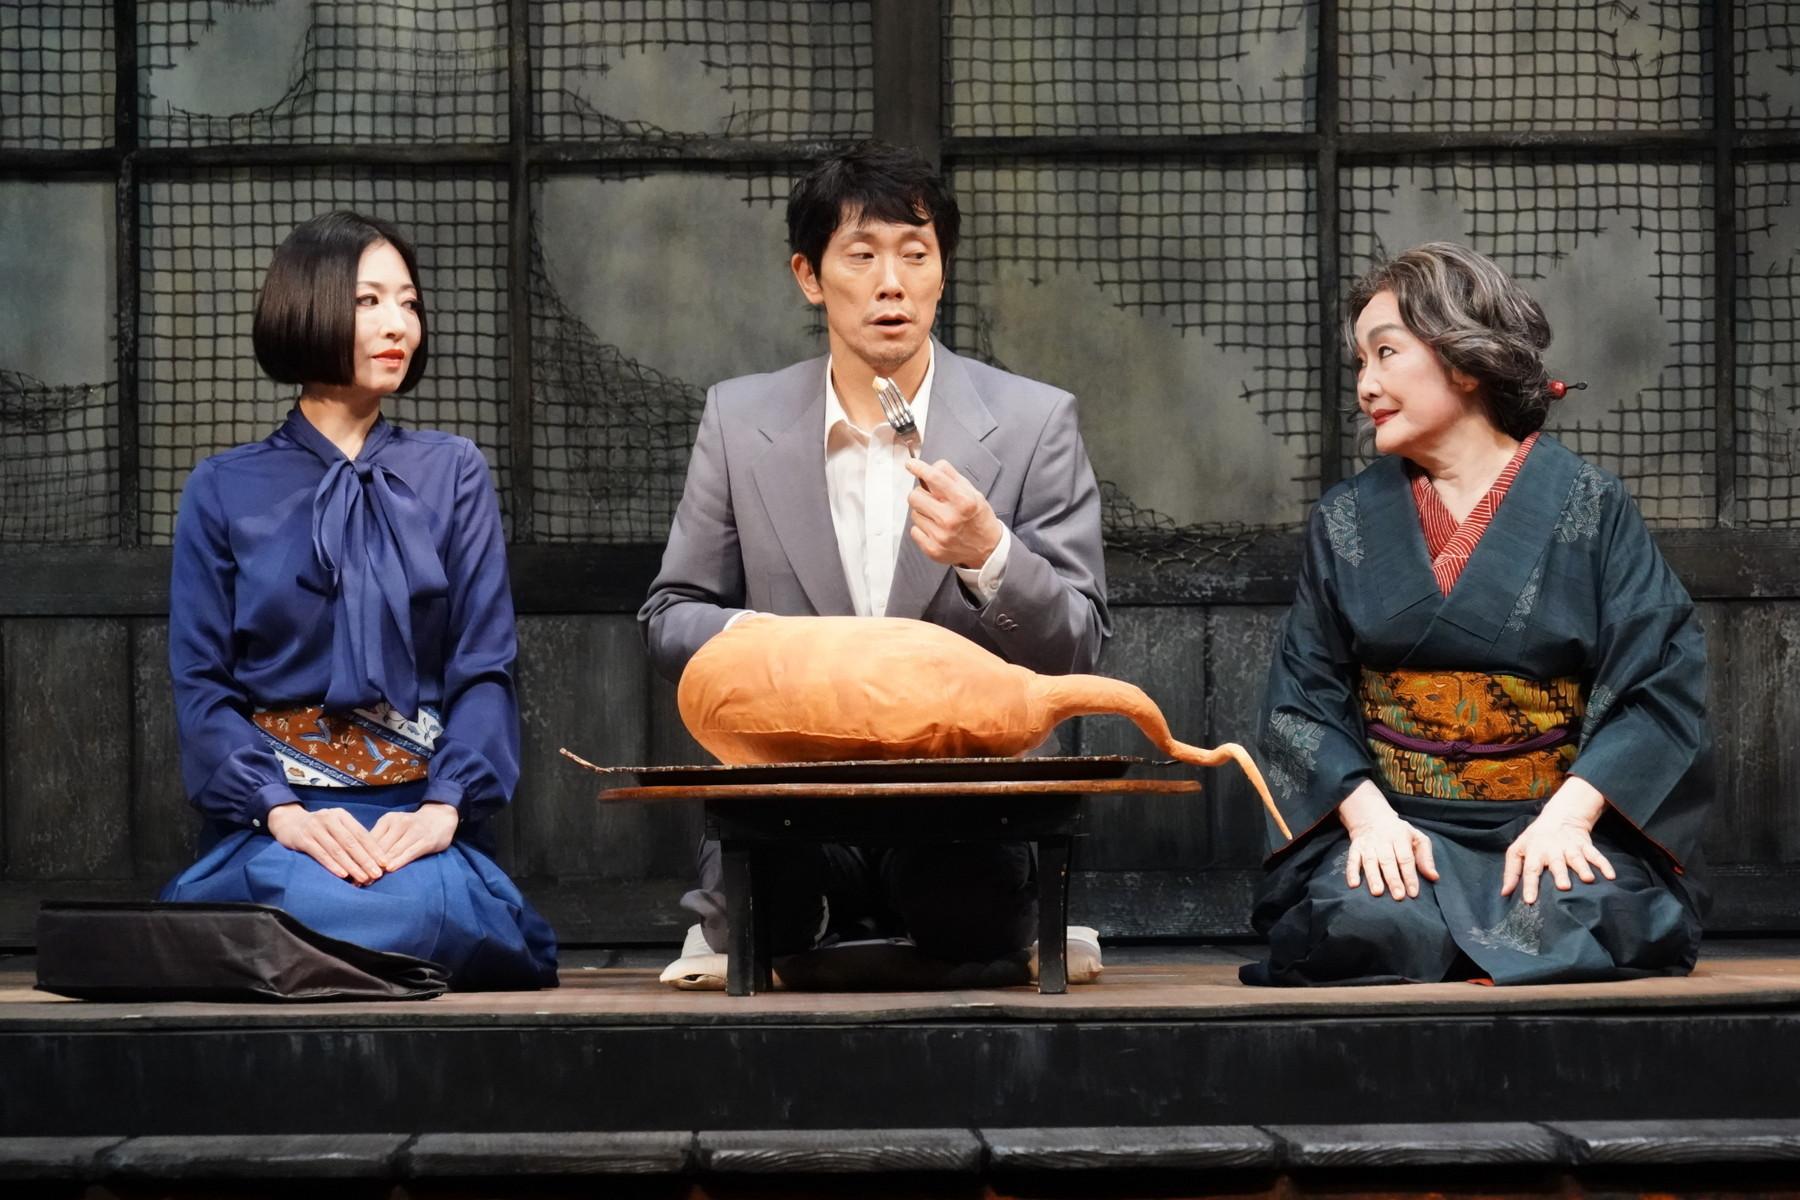 左から 松雪泰子、佐々木蔵之介、白石加代子 撮影:田中亜紀